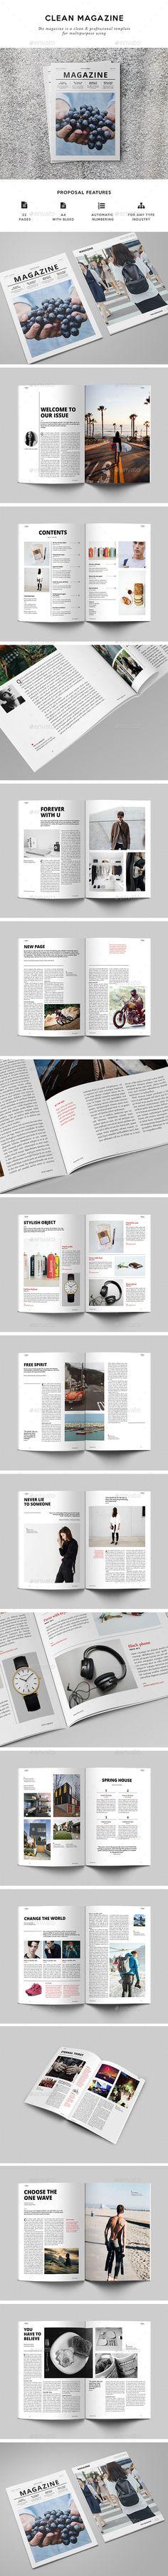 Multipurpose Magazine Template #indesign